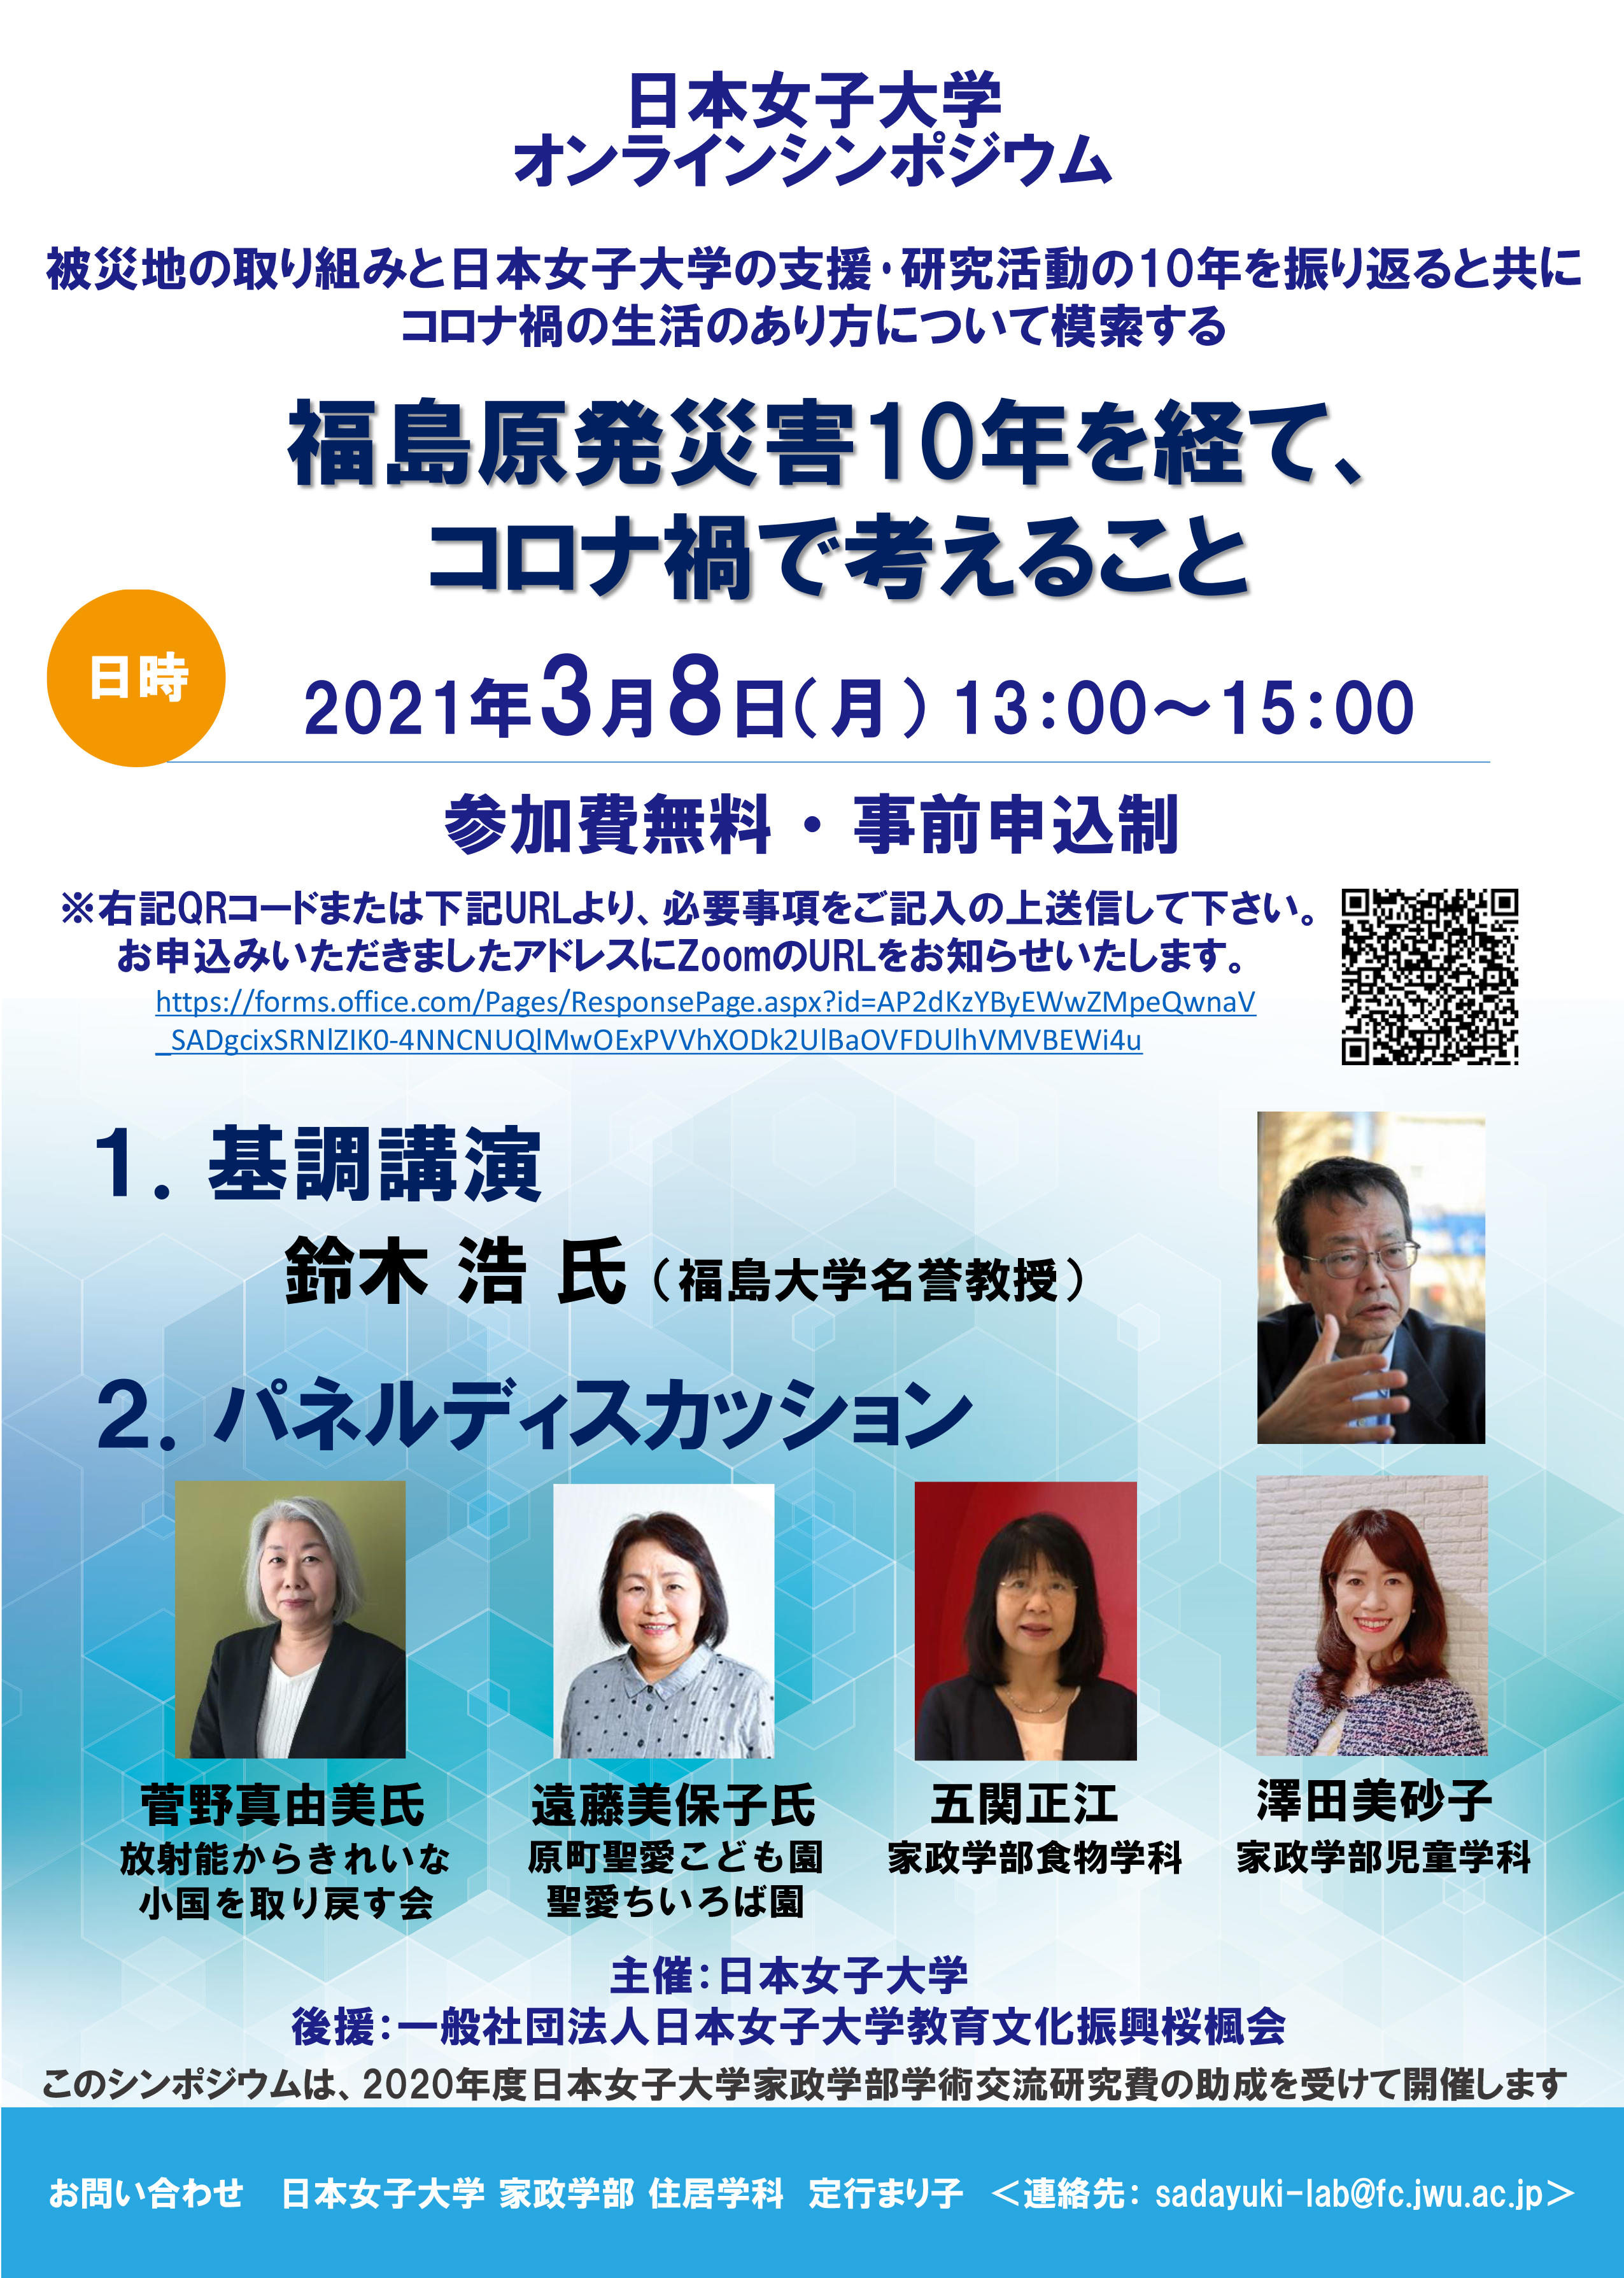 日本女子大学が3月8日にオンラインシンポジウム「福島原発災害10年を経て、コロナ禍で考えること」を開催